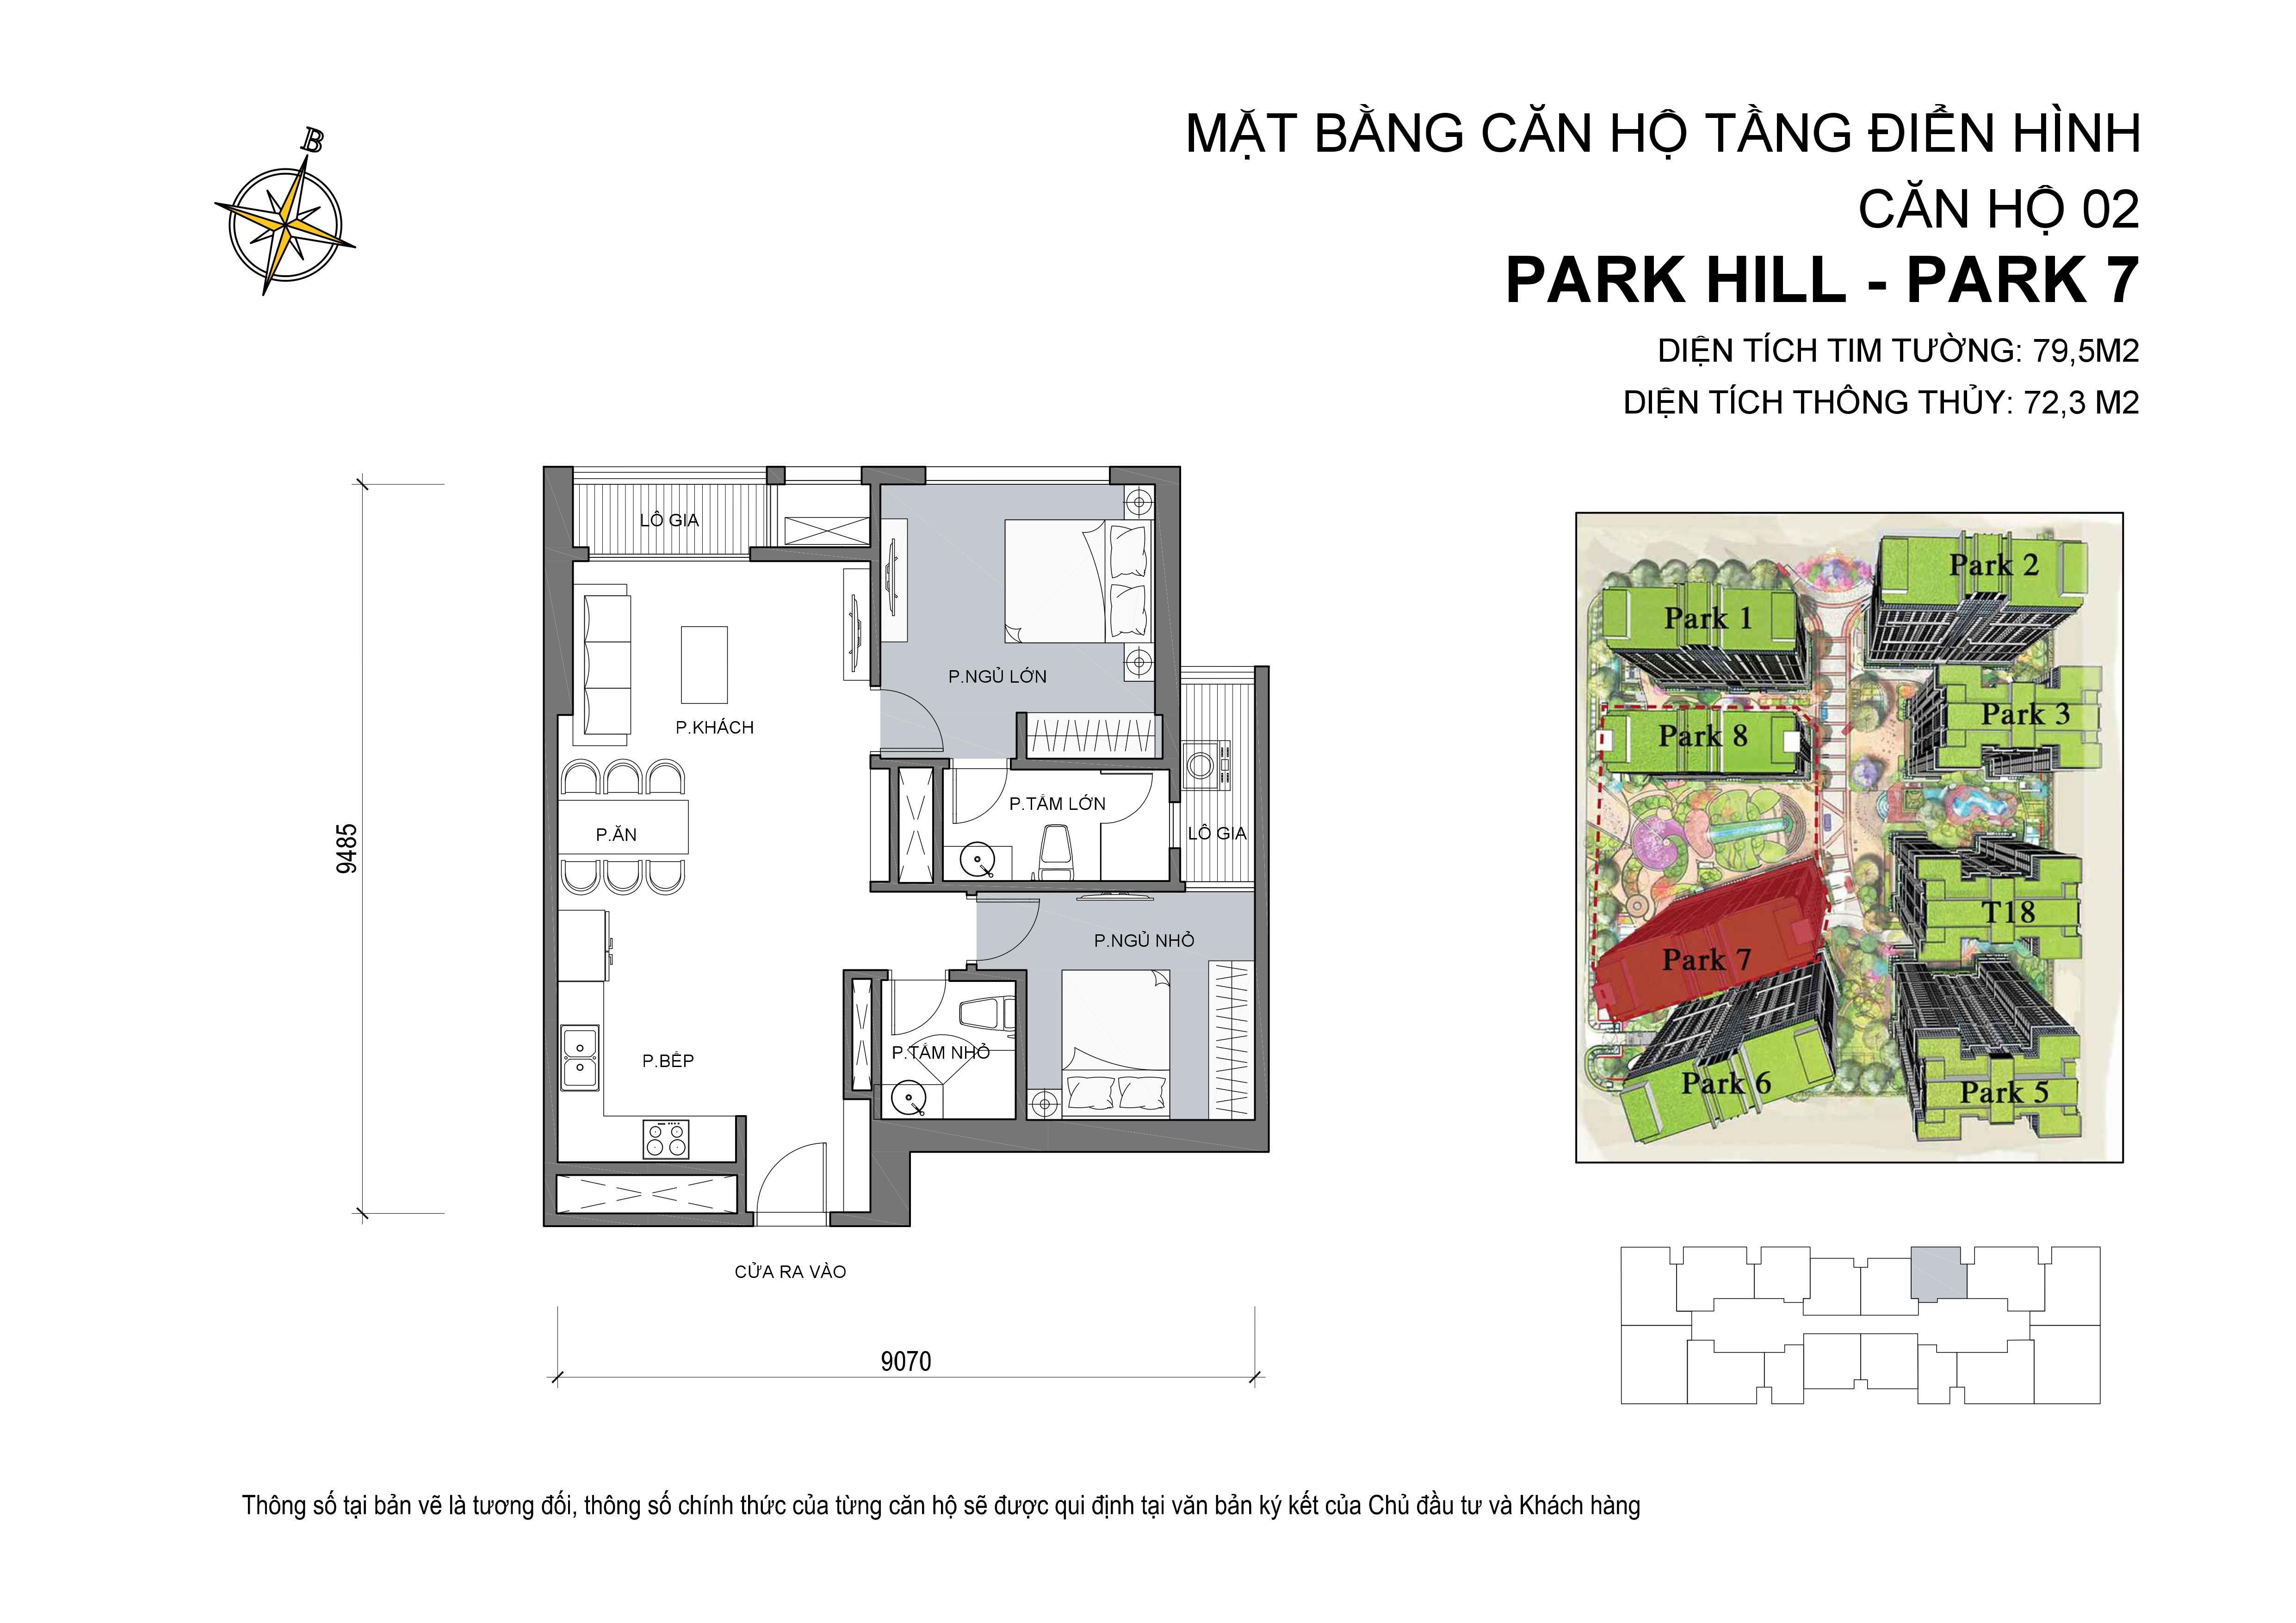 căn hộ Park hill 2PN số 02 diện tích 79 m2